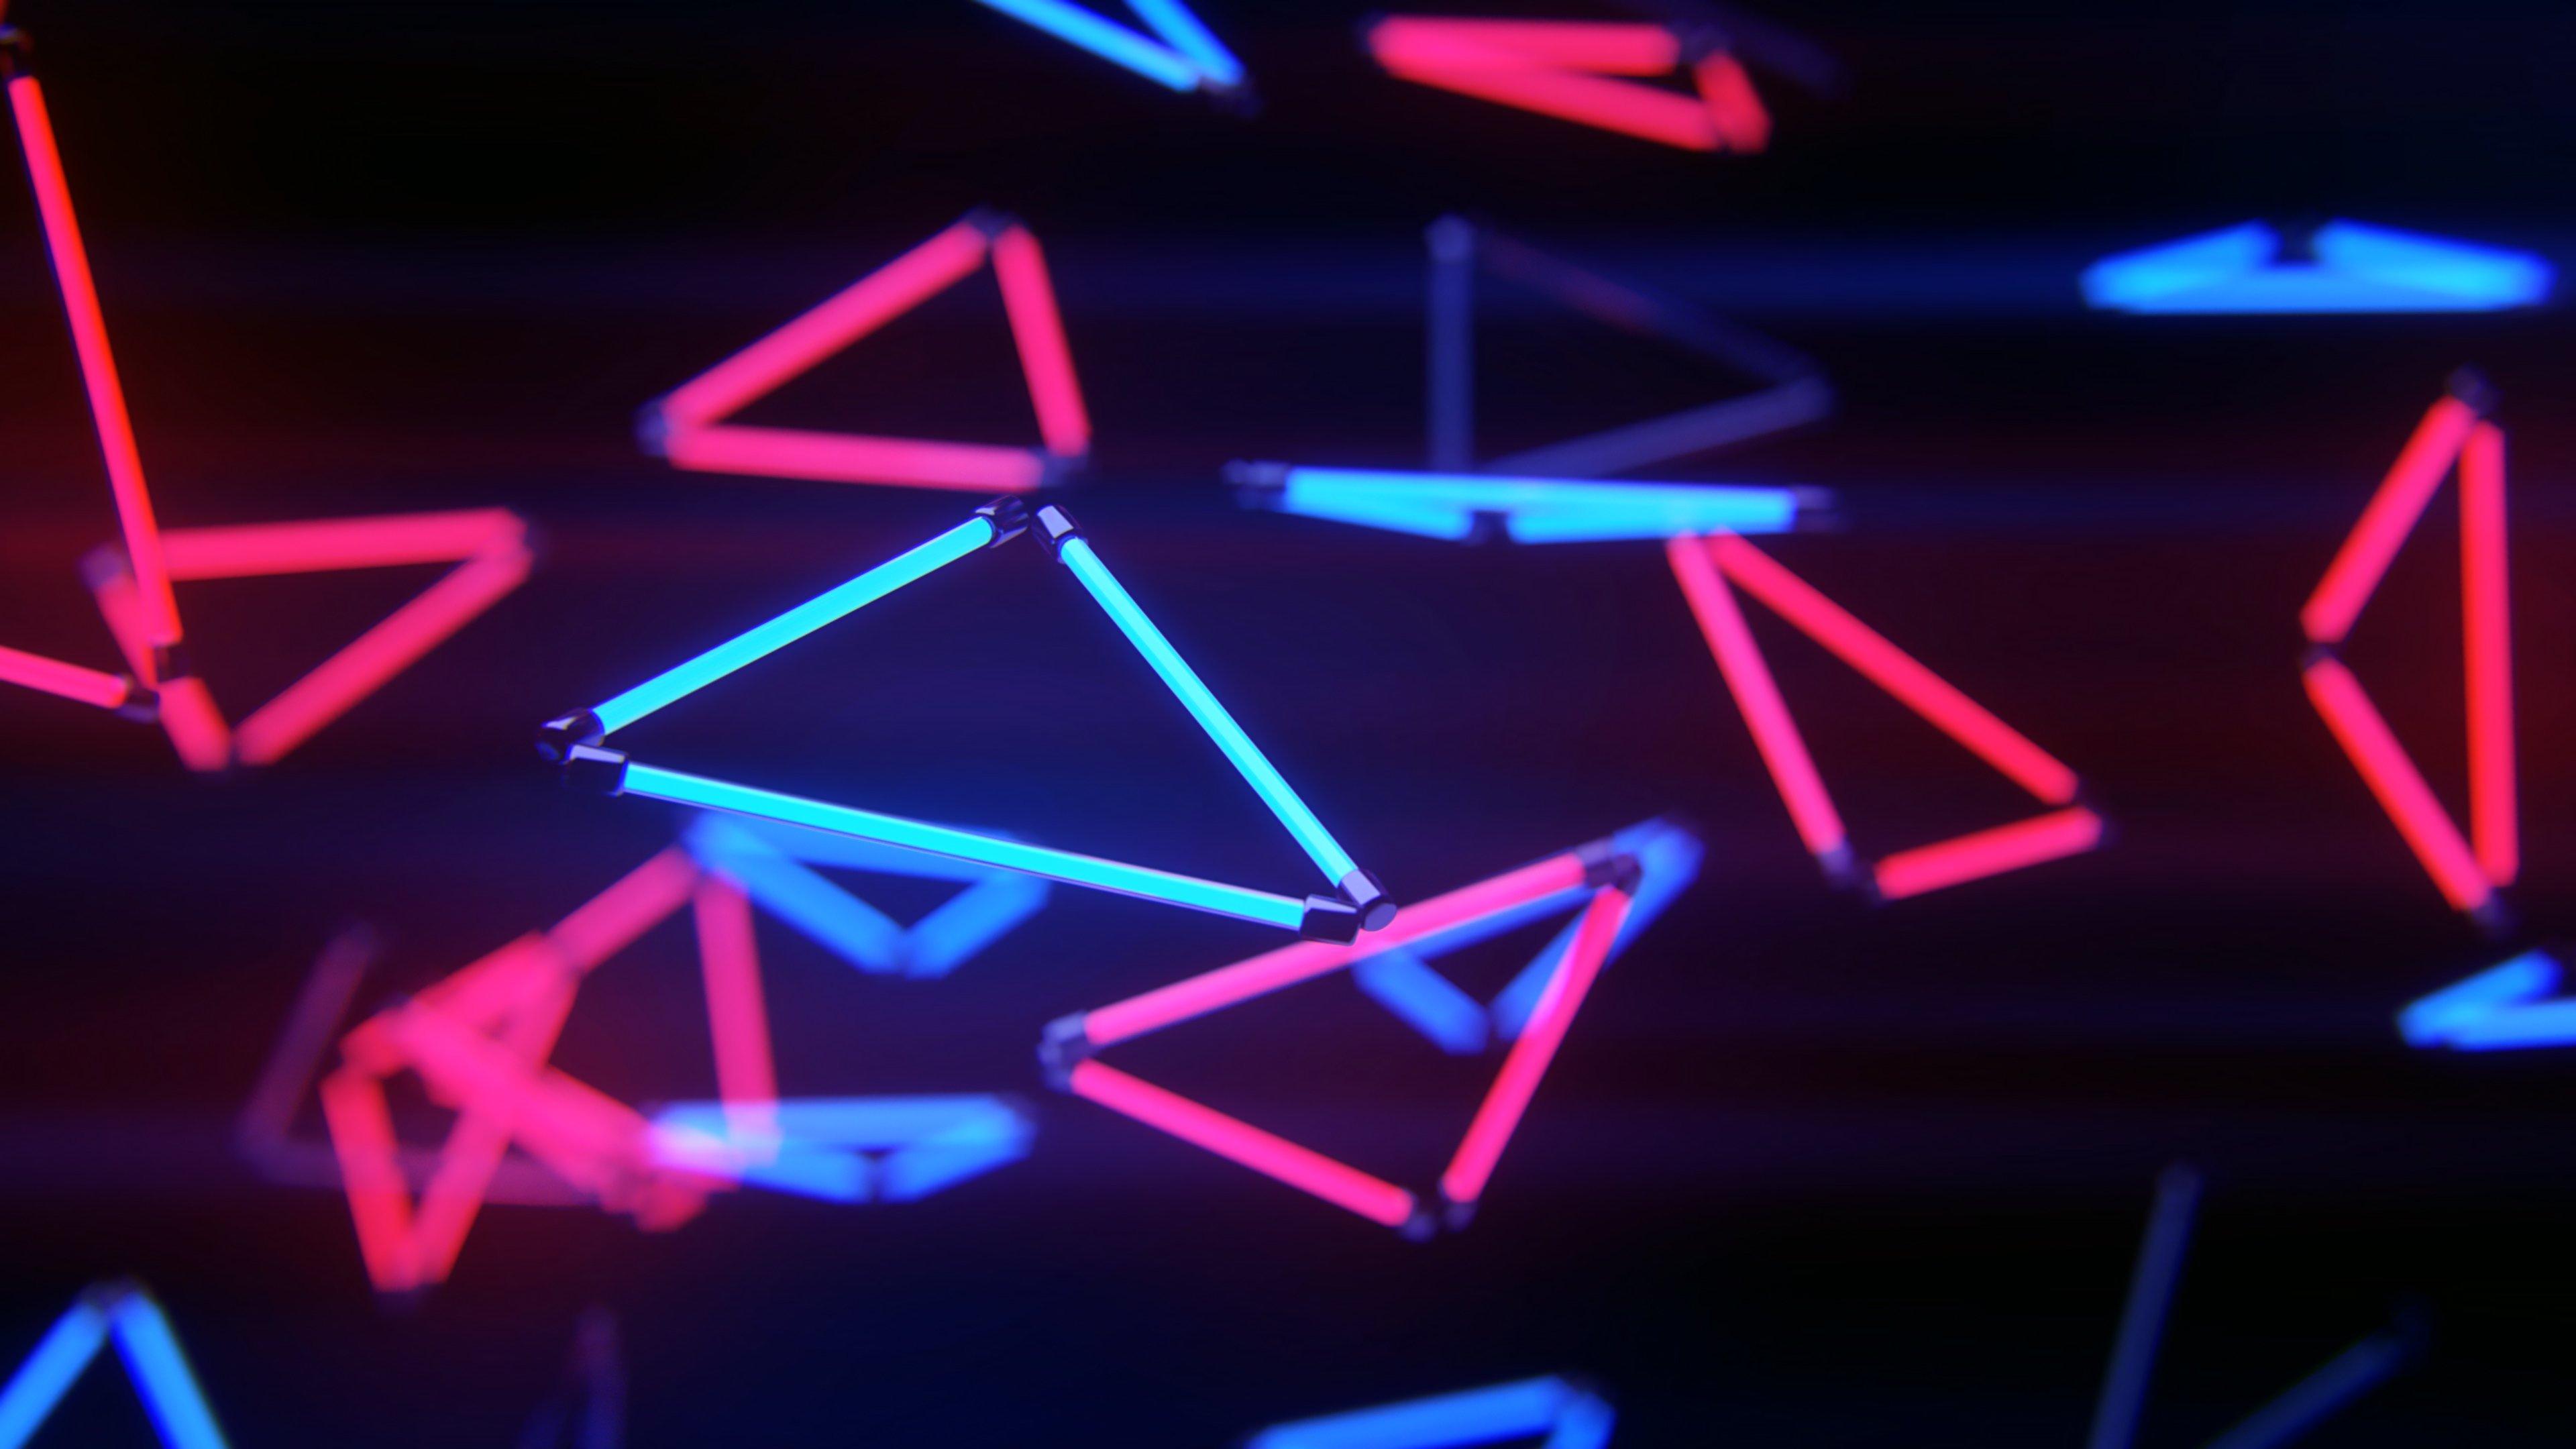 Fondos de pantalla Luces triangulares neón